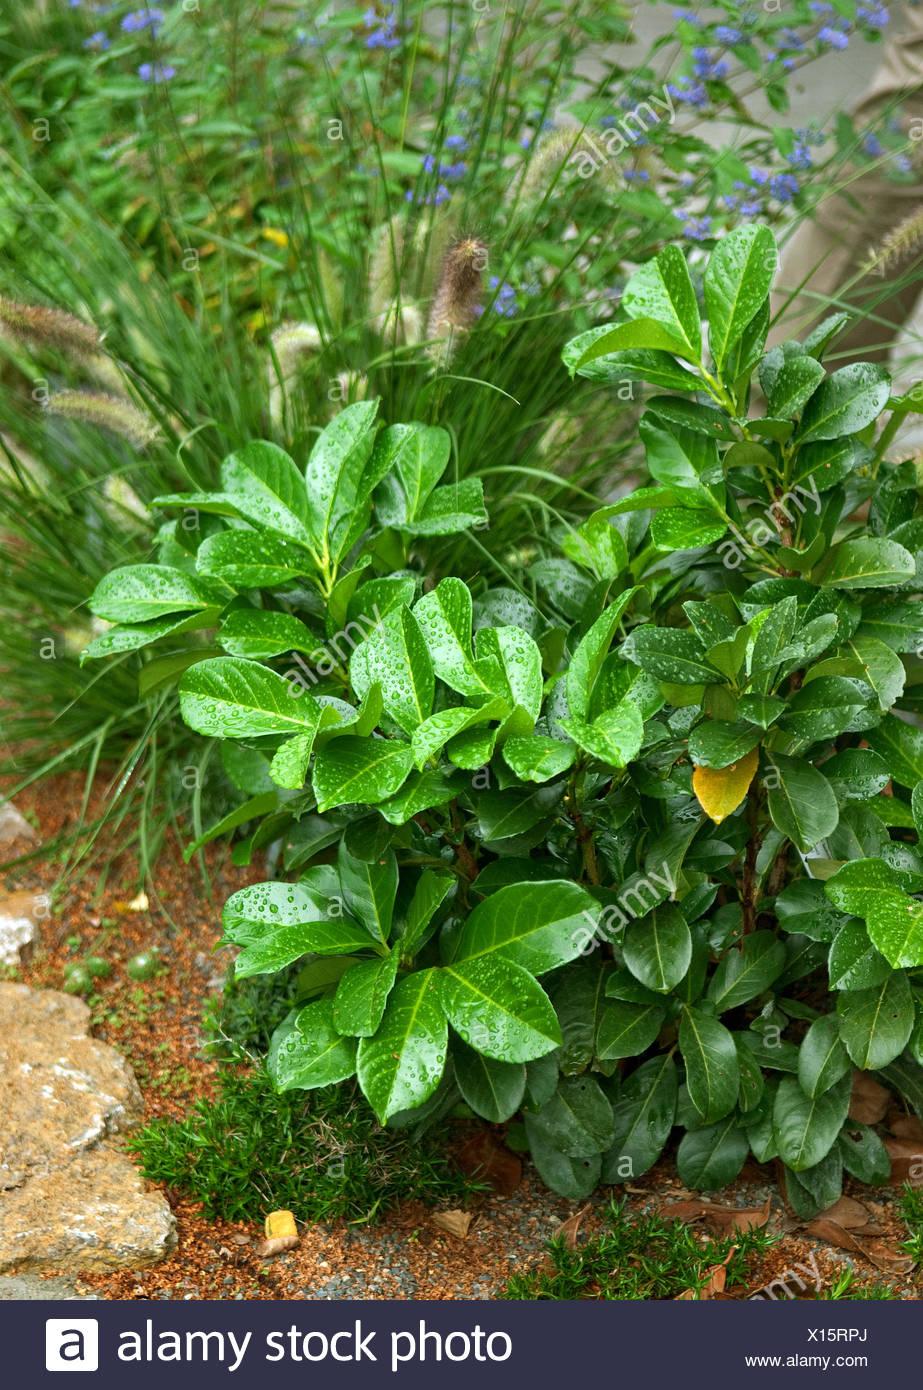 cherry-laurel (Prunus laurocerasus 'Rotundifolia', Prunus laurocerasus Rotundifolia), cultivar Rotundifolia - Stock Image